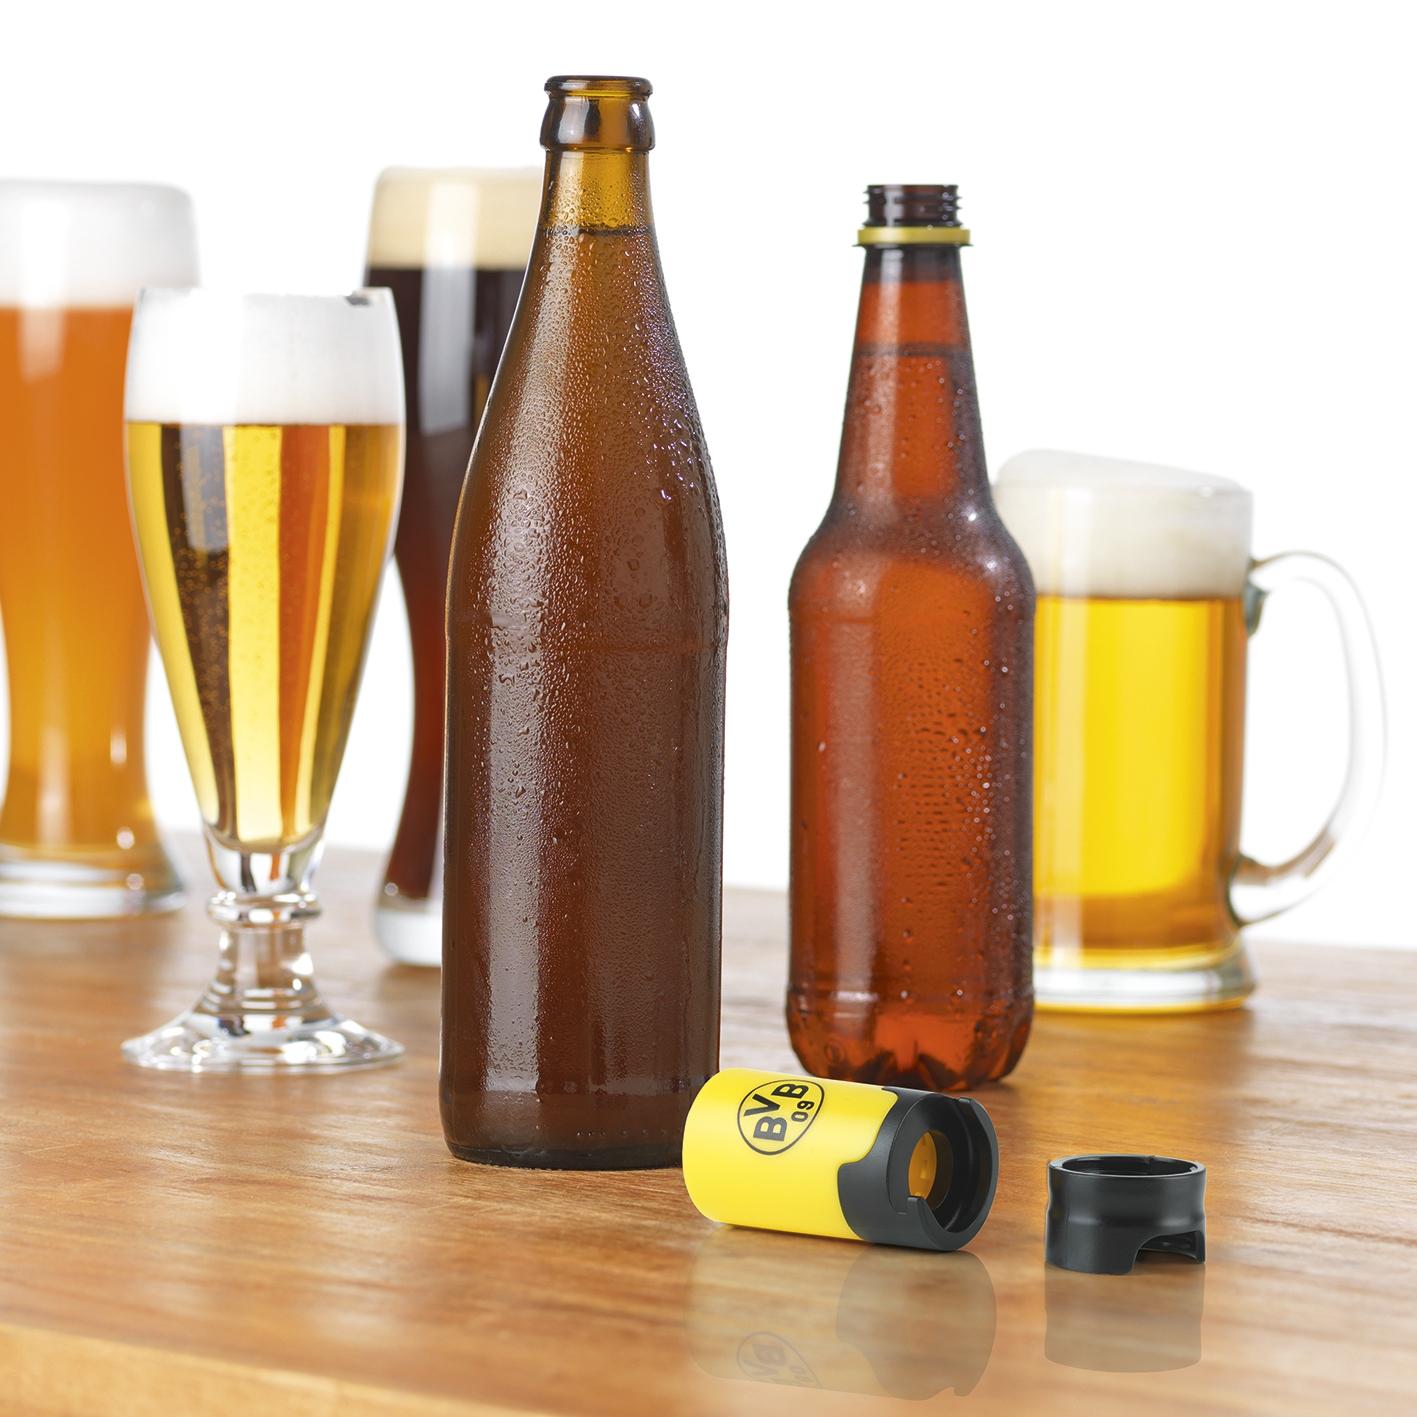 Bier In Pet Flaschen